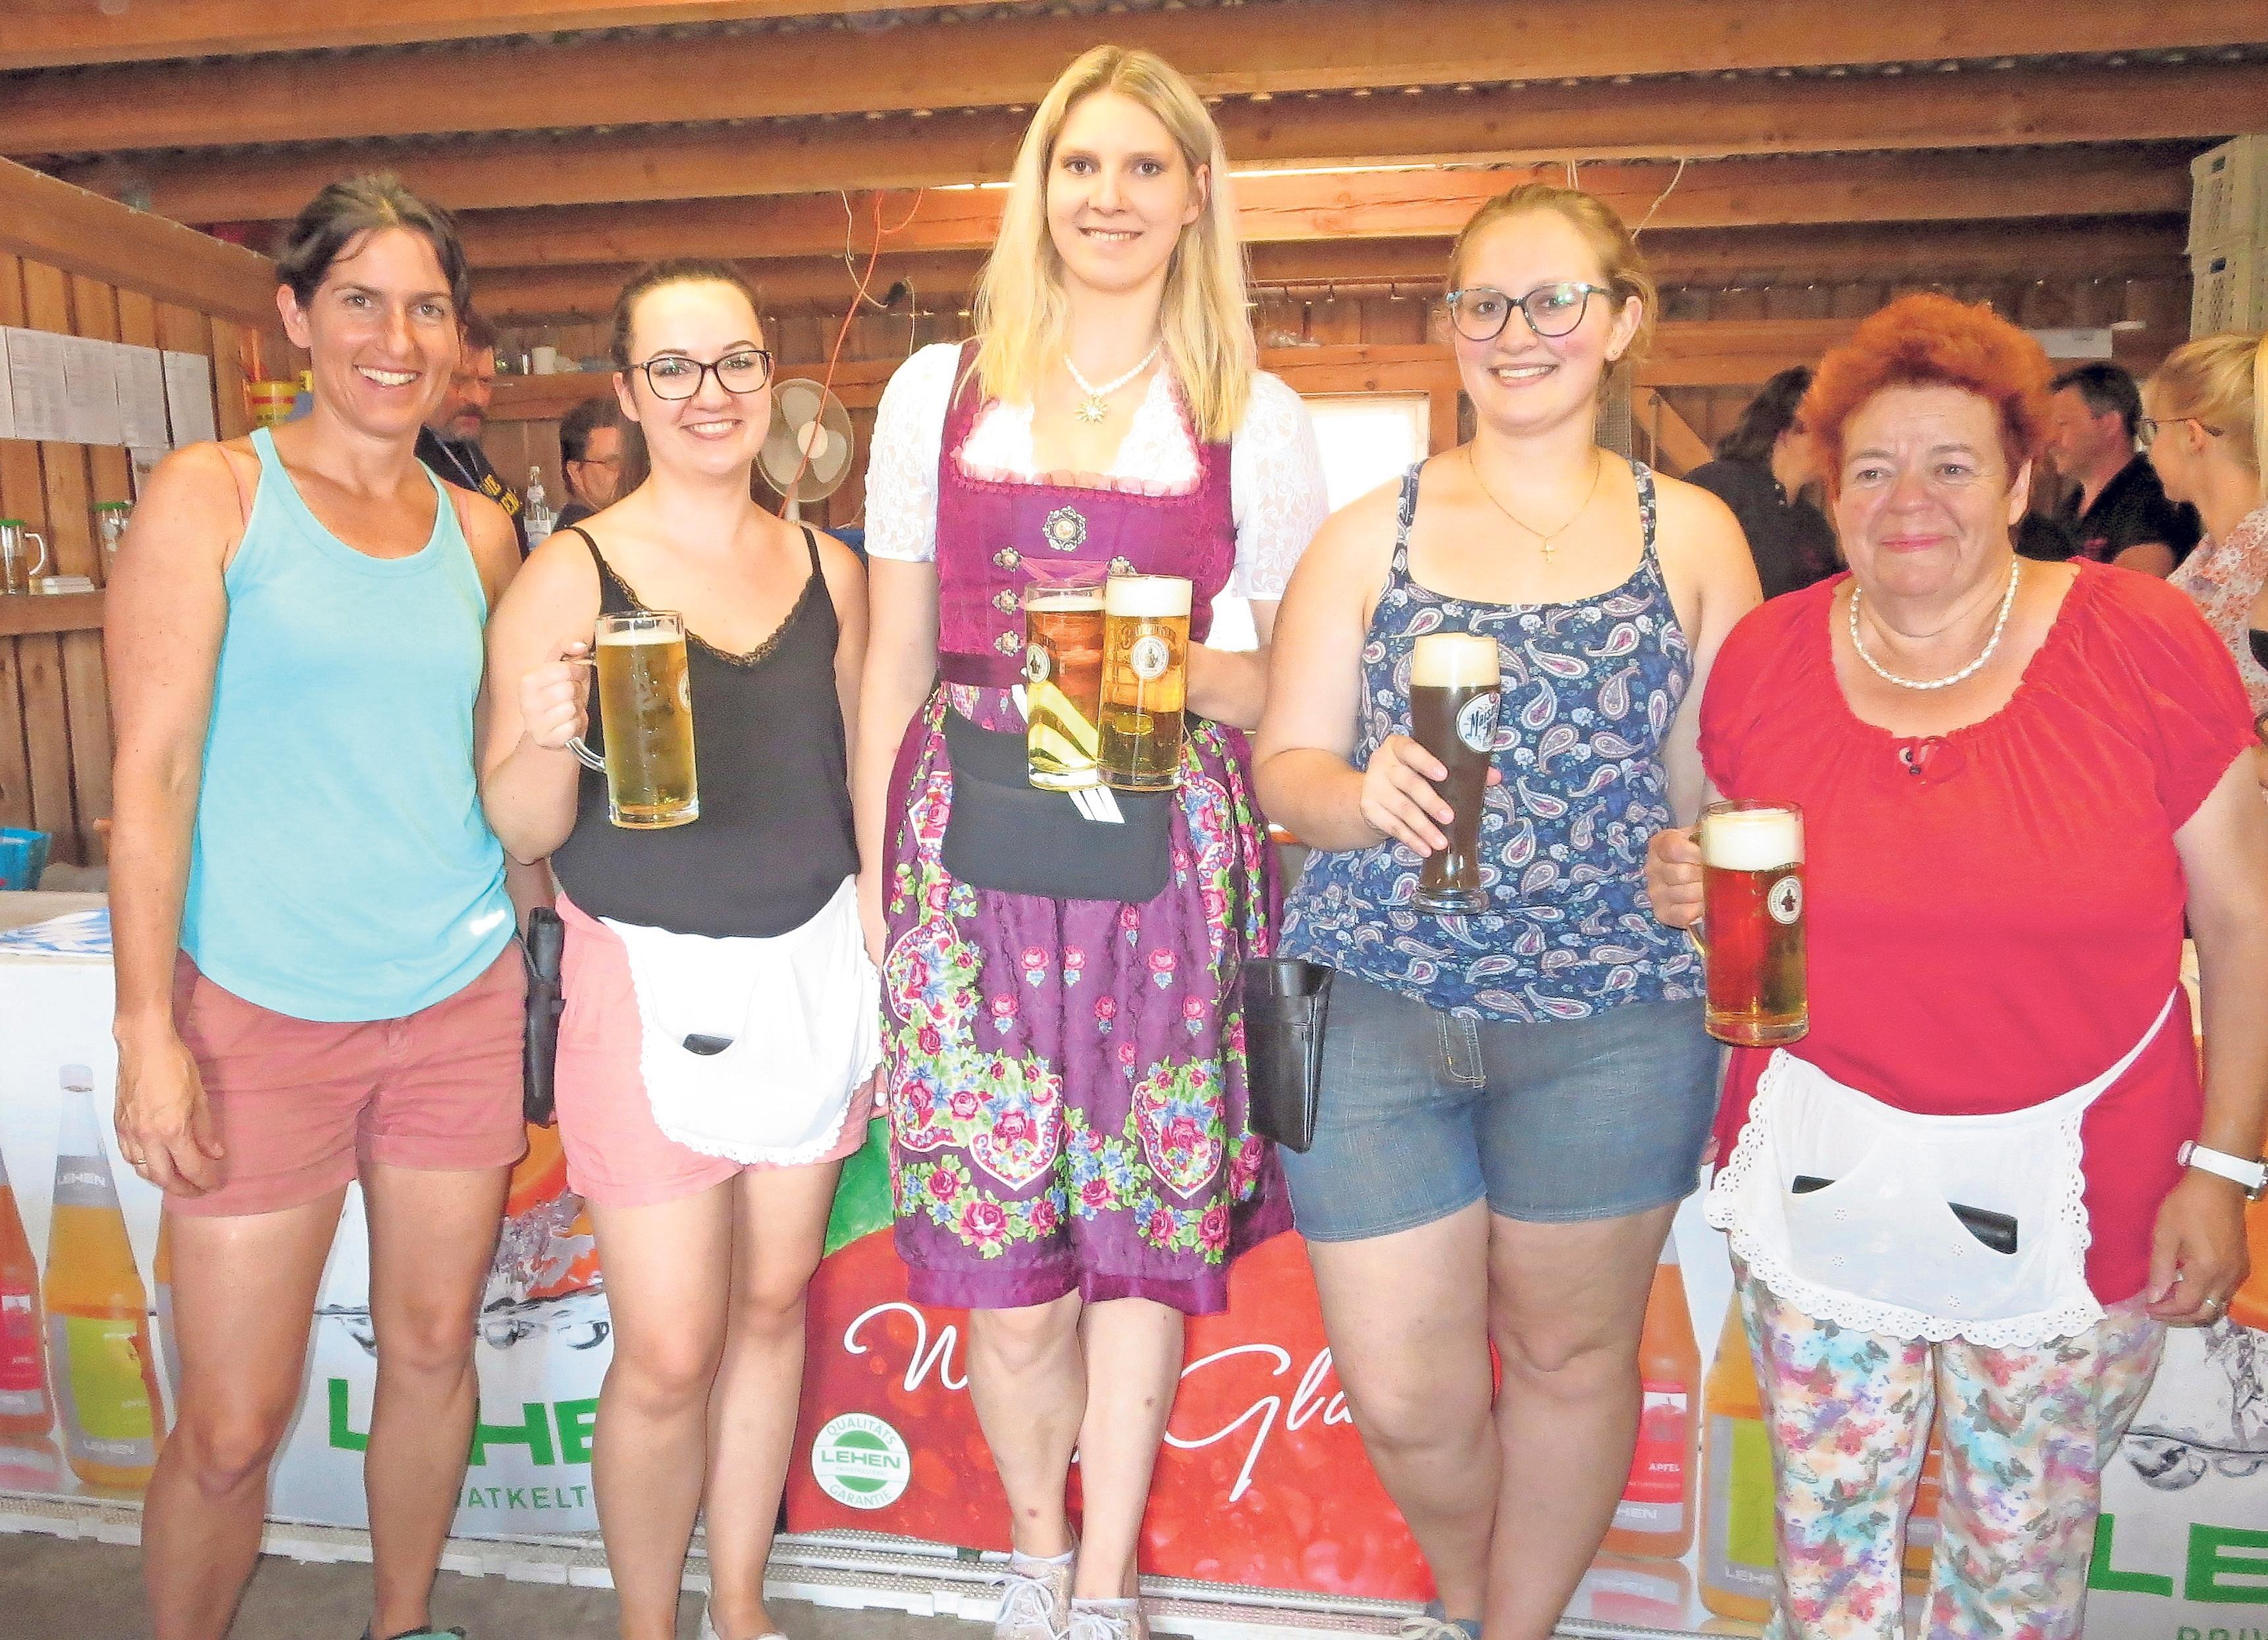 Sorgen dafür, dass alle Gäste bewirtet werden: Katja Eismann, Anja Zimmermann, Marlene Raab, Linda Reiß und Lisa Haug.